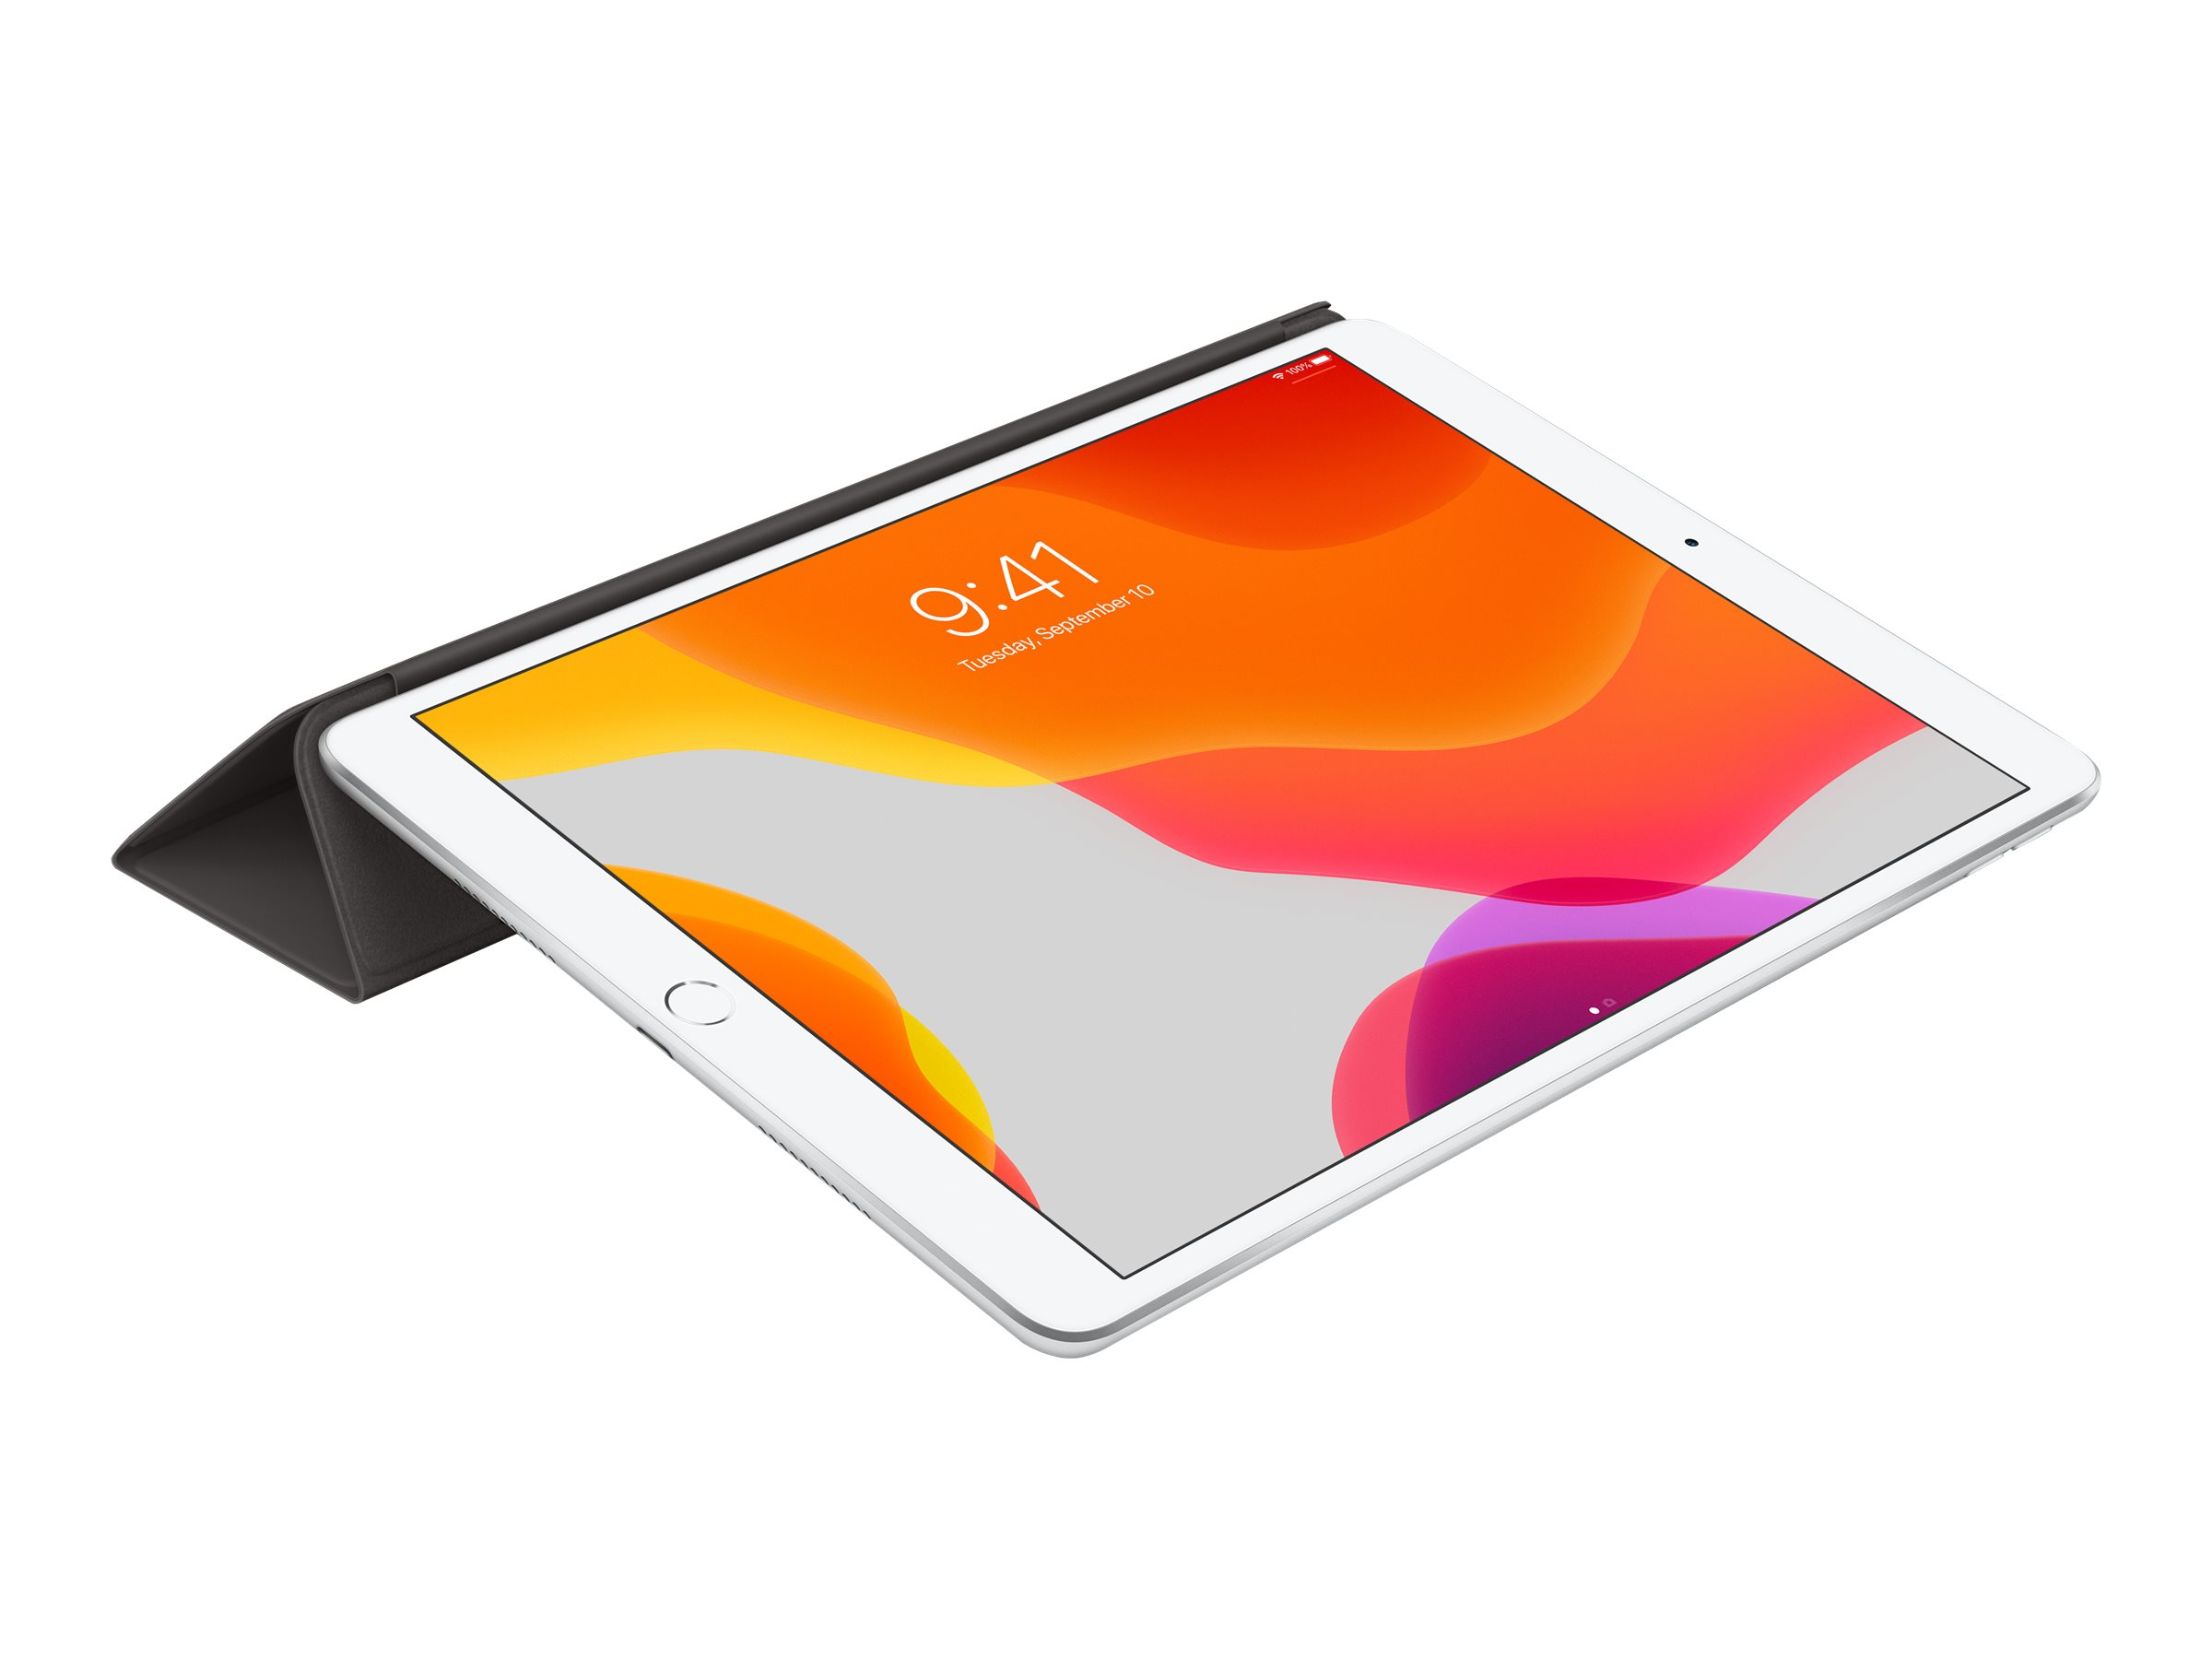 Apple Smart - Bildschirmschutz für Tablet - Polyurethan - Schwarz - für 10.2-inch iPad; 10.5-inch iPad Air (3. Generation)